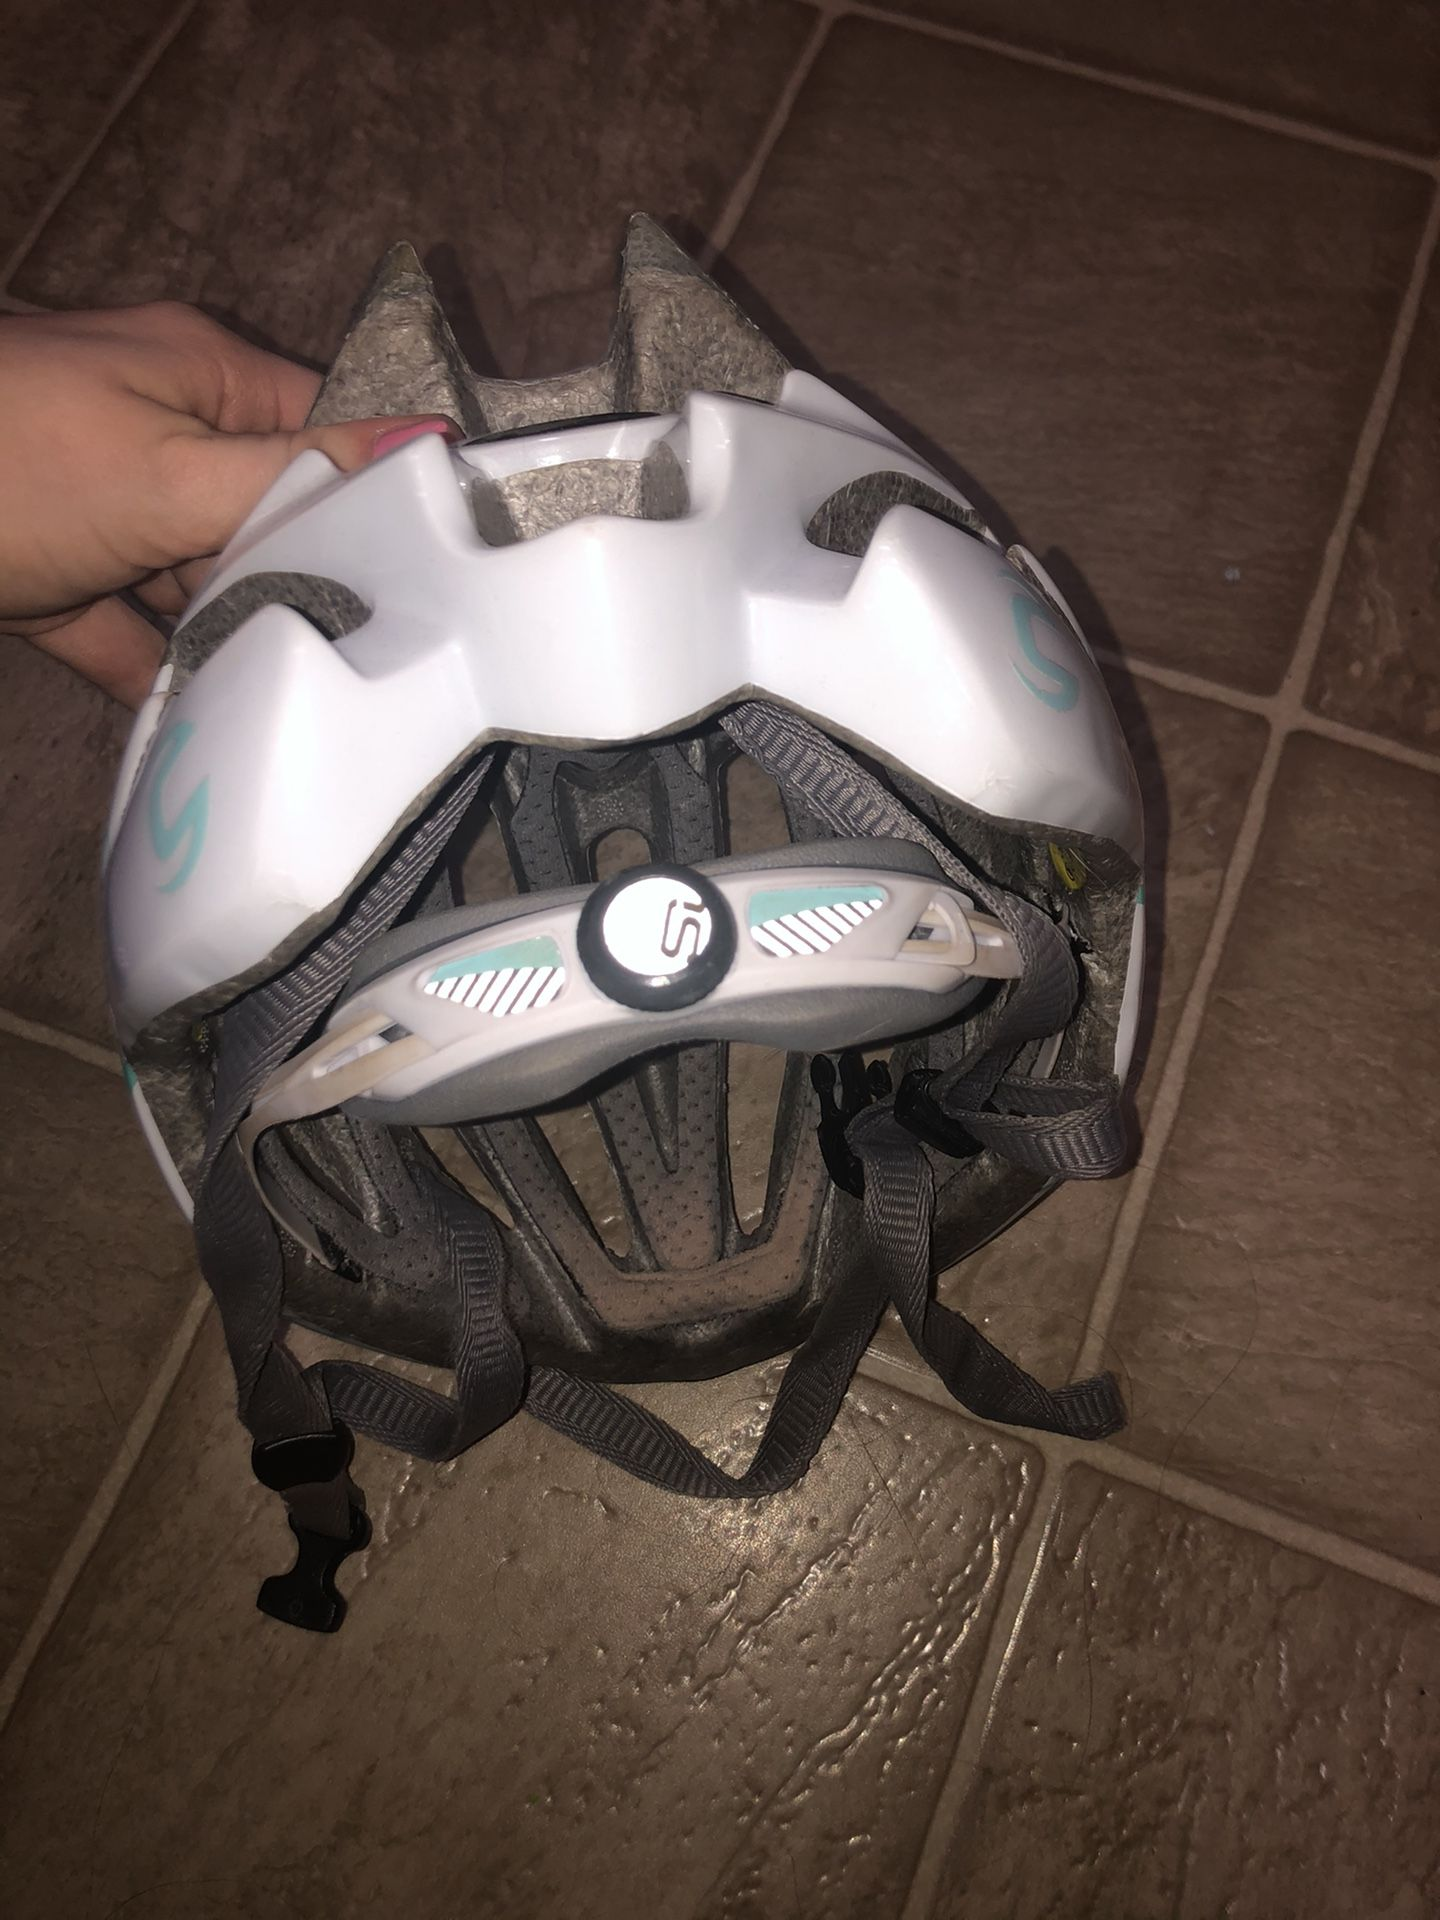 Cannondale adjustable sports helmet